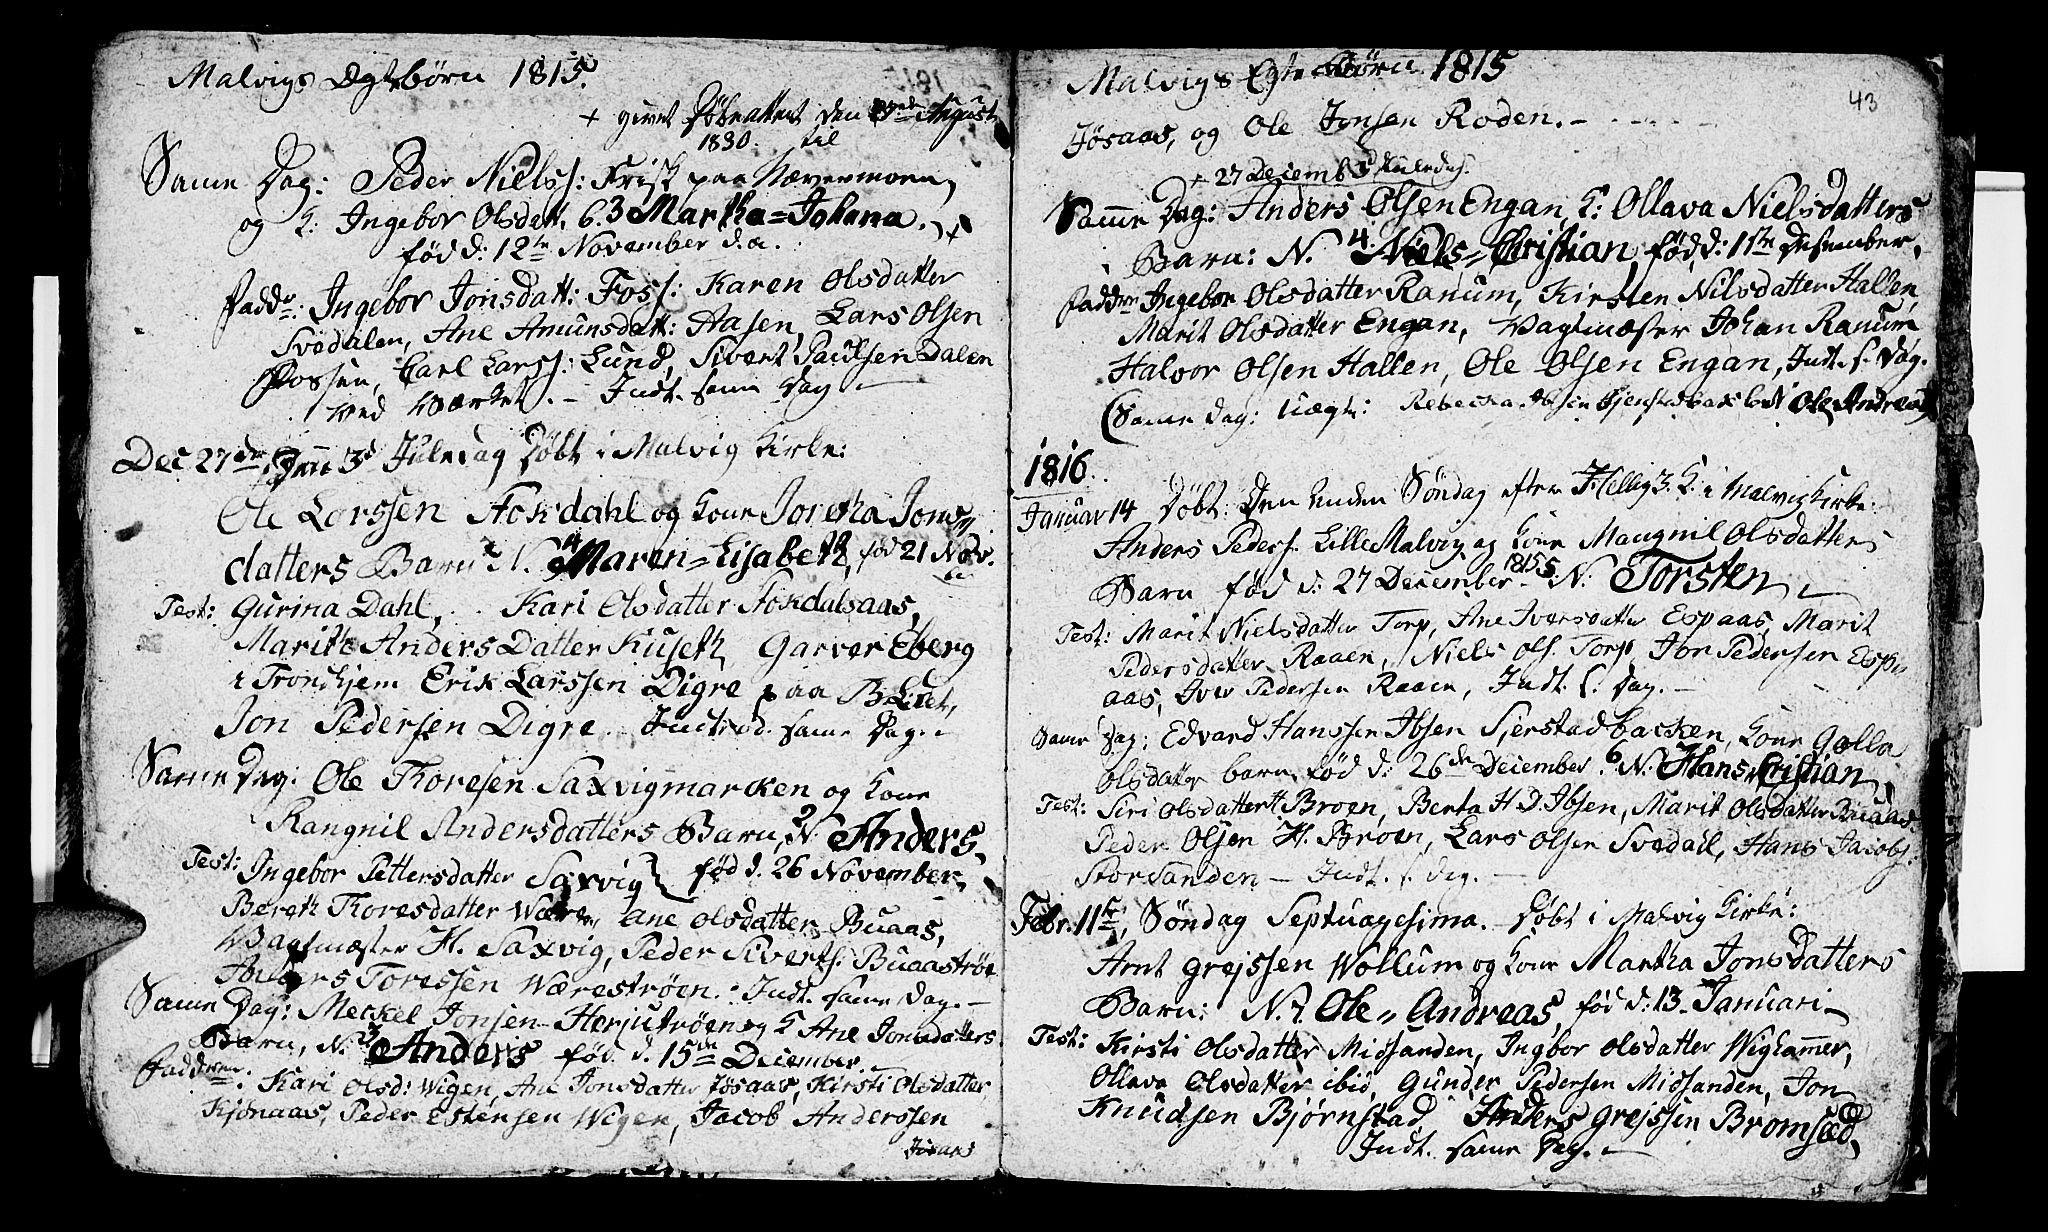 SAT, Ministerialprotokoller, klokkerbøker og fødselsregistre - Sør-Trøndelag, 616/L0419: Klokkerbok nr. 616C02, 1797-1816, s. 43